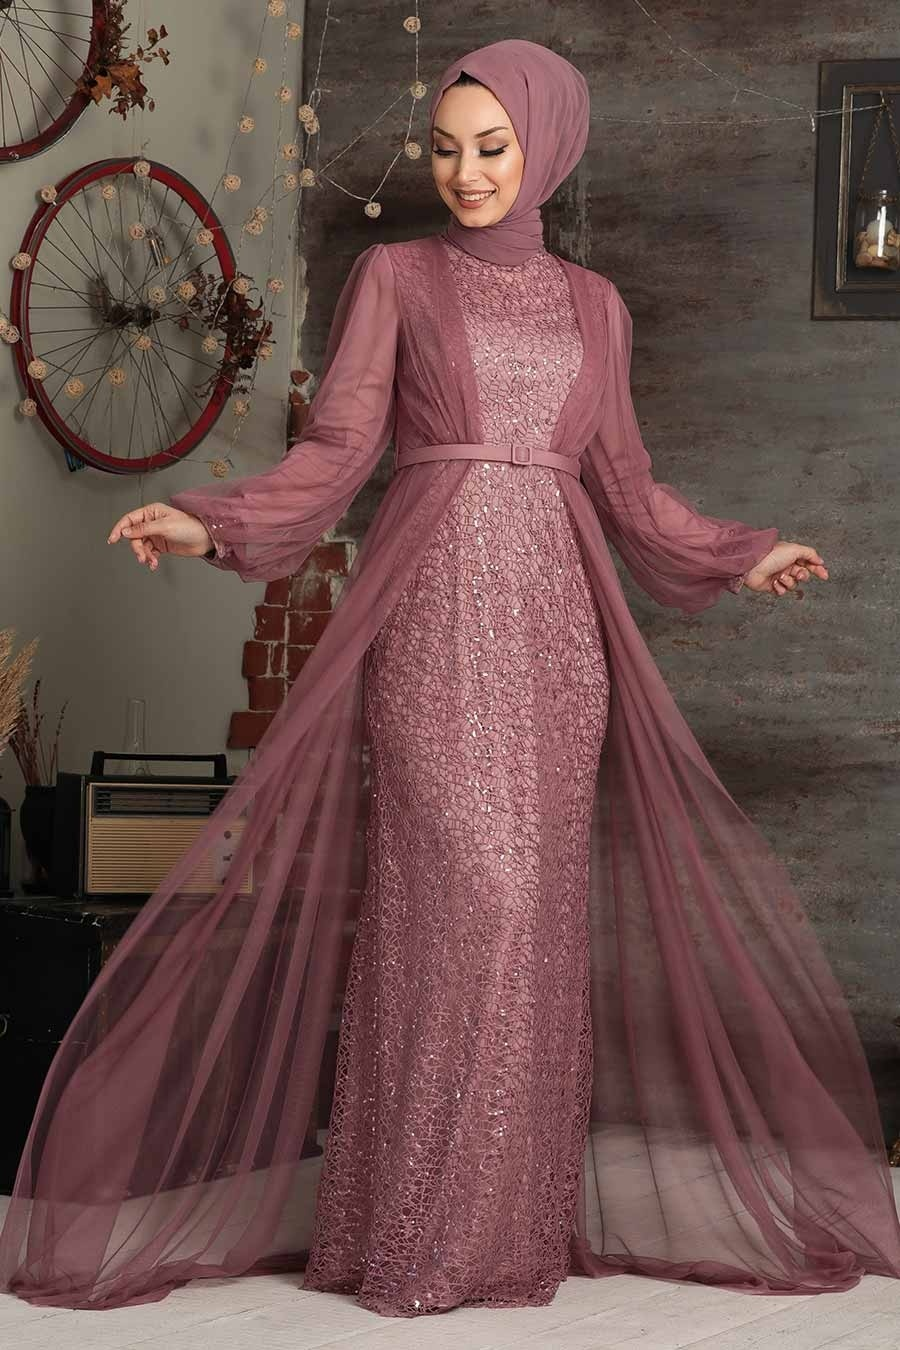 Tesettürlü Abiye Elbise - Pul Payetli Gül Kurusu Tesettür Abiye Elbise 5383GK